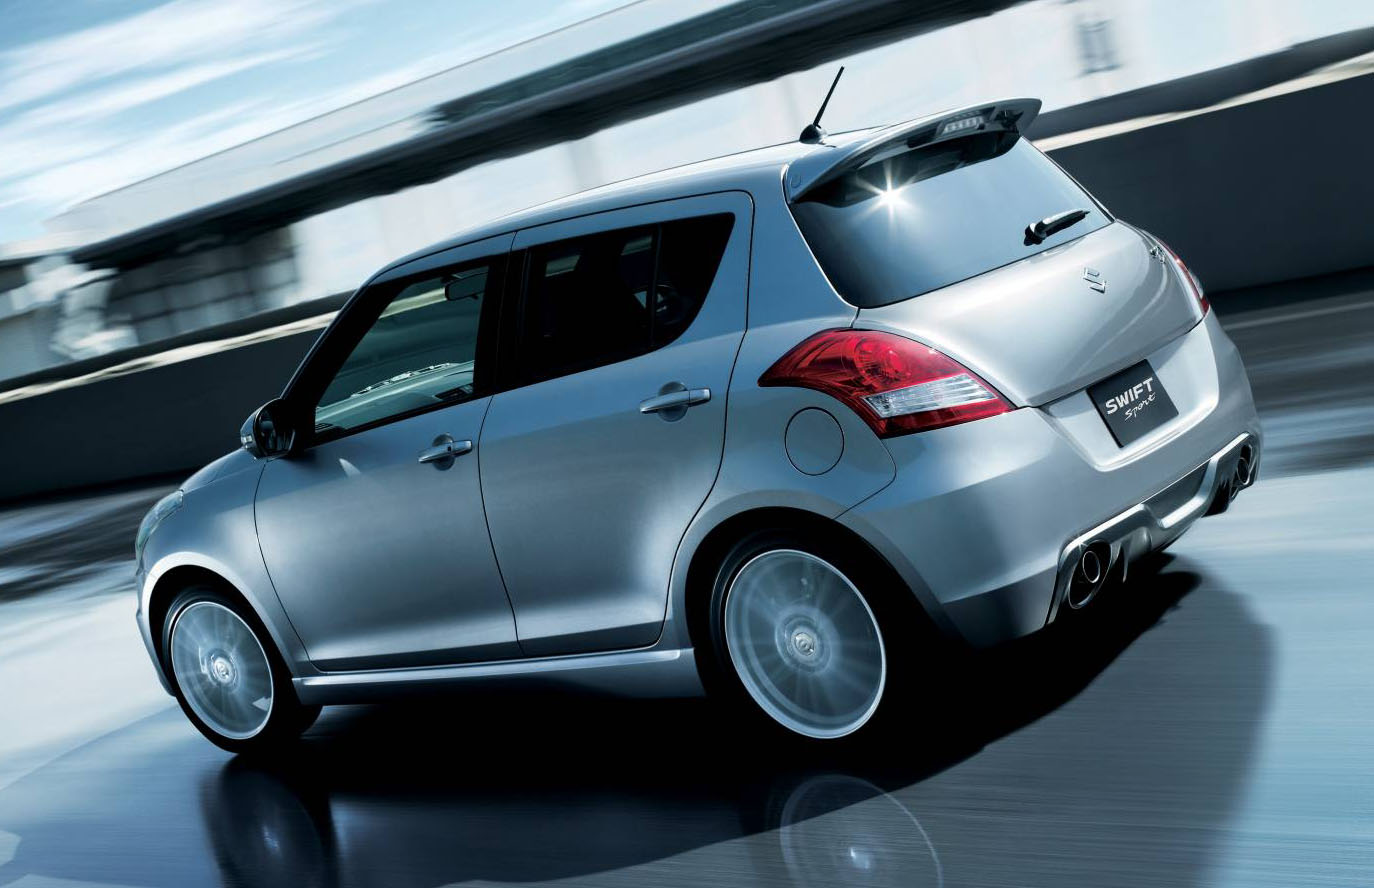 Suzuki Swift Sport 2012 Its My Car Club